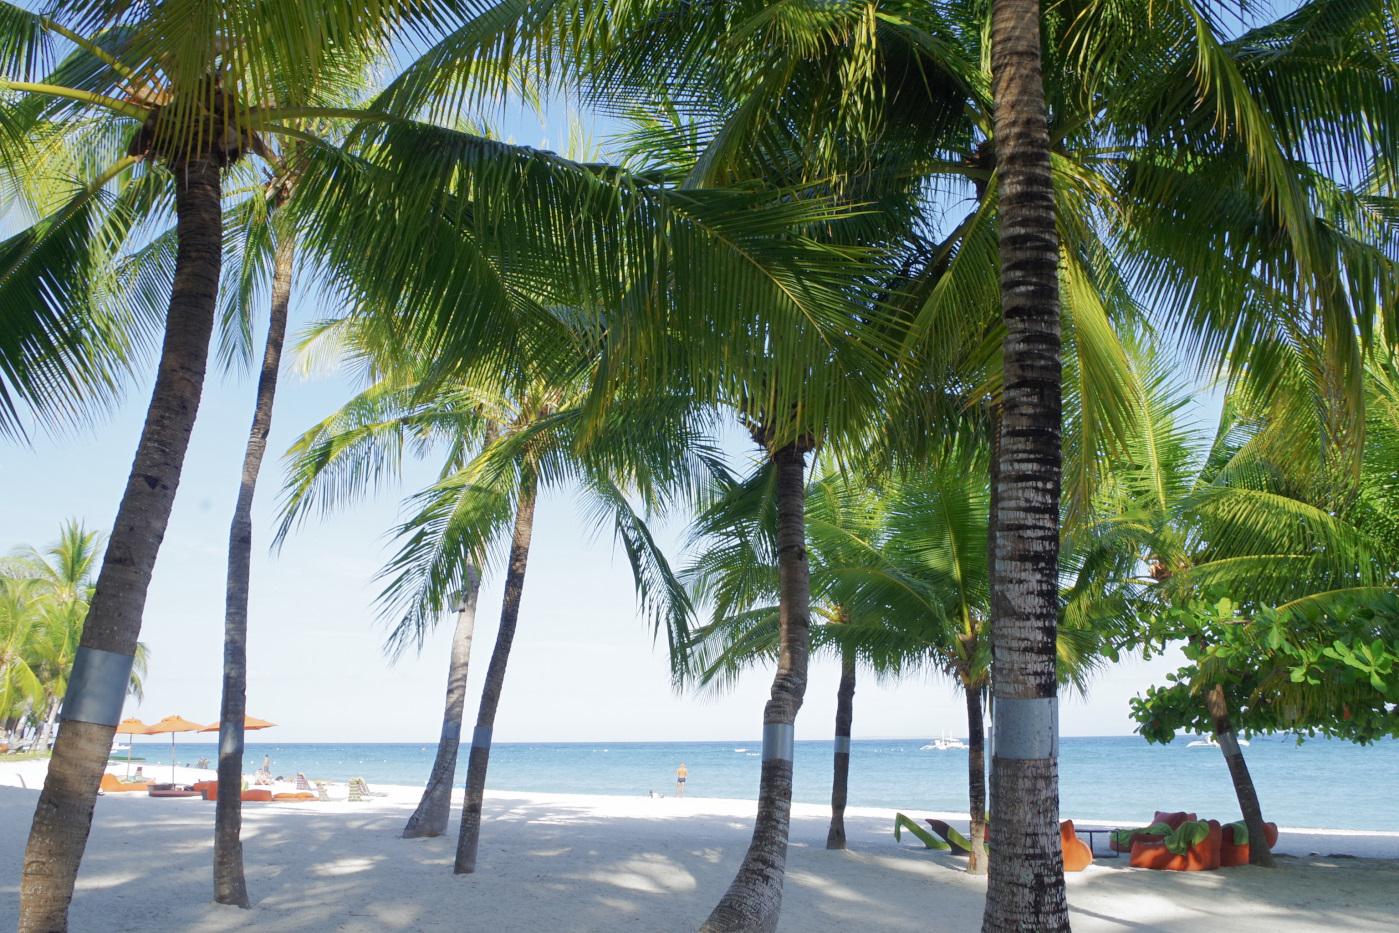 サウスパームホテルのビーチとヤシの木